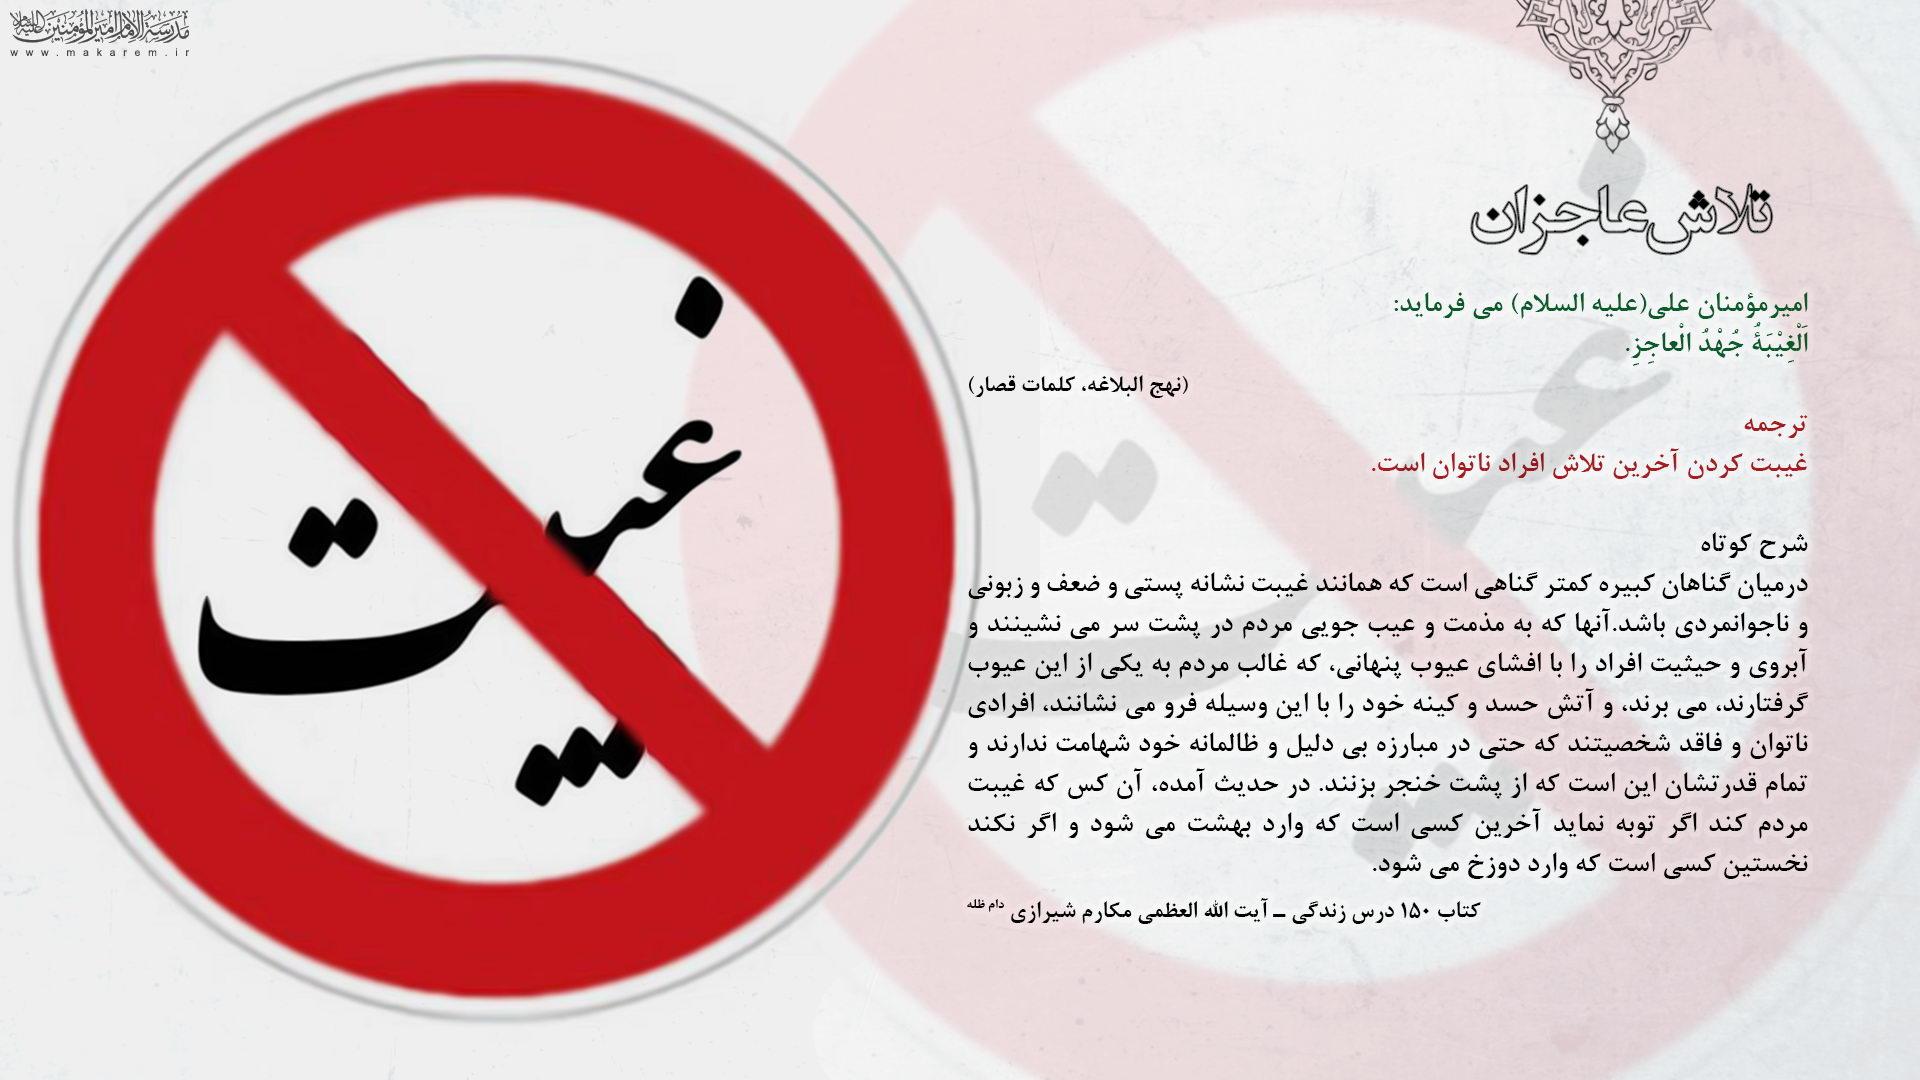 تلاش عاجزان-مدرسه الامام امیر المومنین (ع)